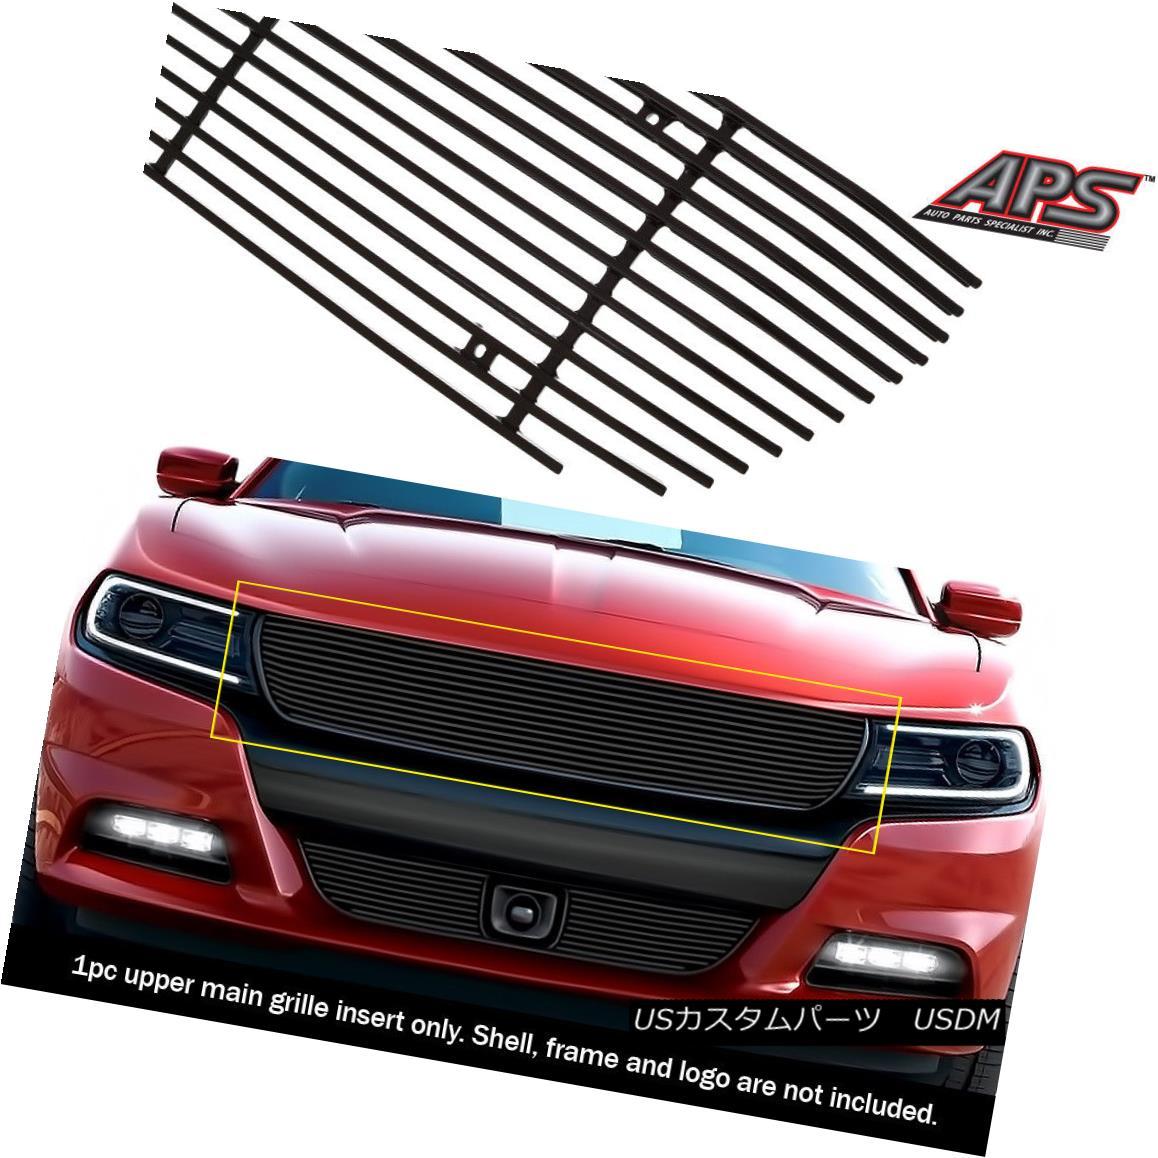 グリル Fits 2015-2018 Dodge Charger Black Main Upper Billet Grille Insert フィット2015-2018ダッジチャージャブラックメインアッパービレットグリルインサート